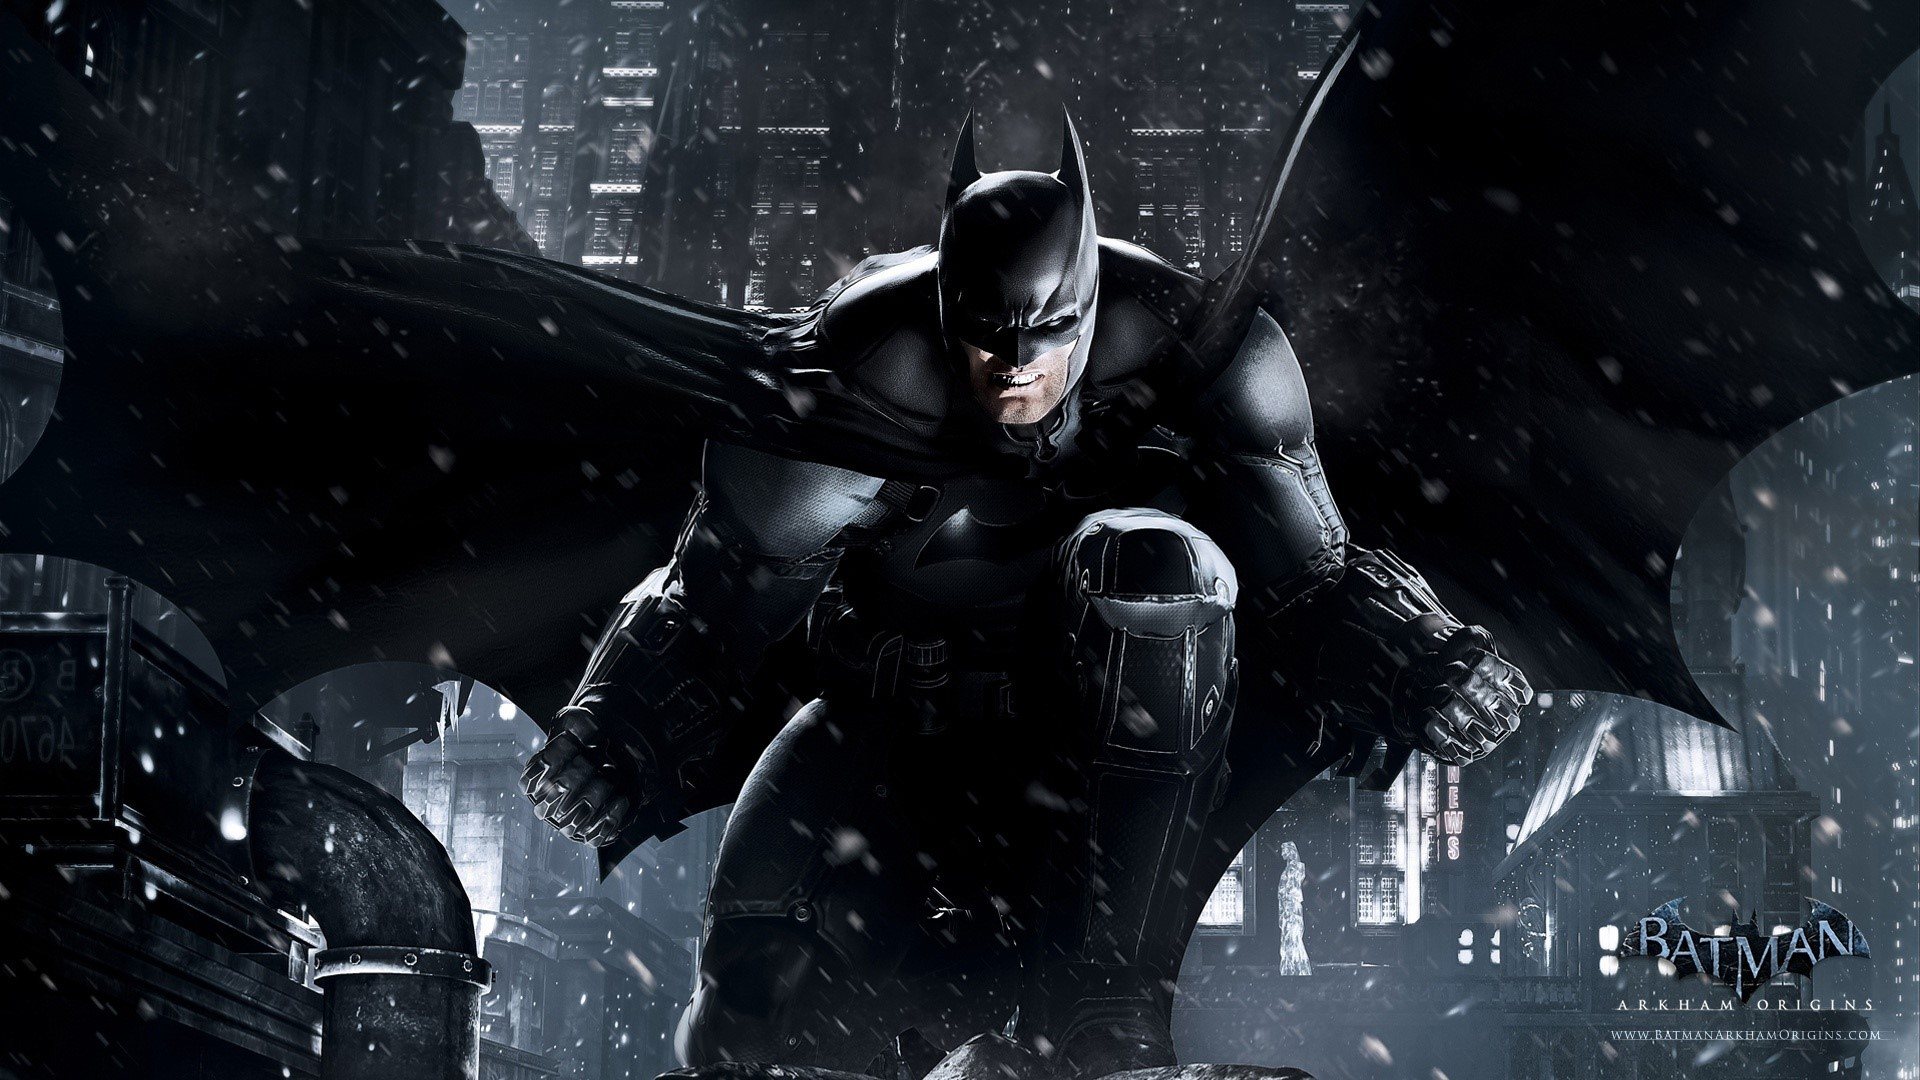 Wallpaper Batman Arkham Origins